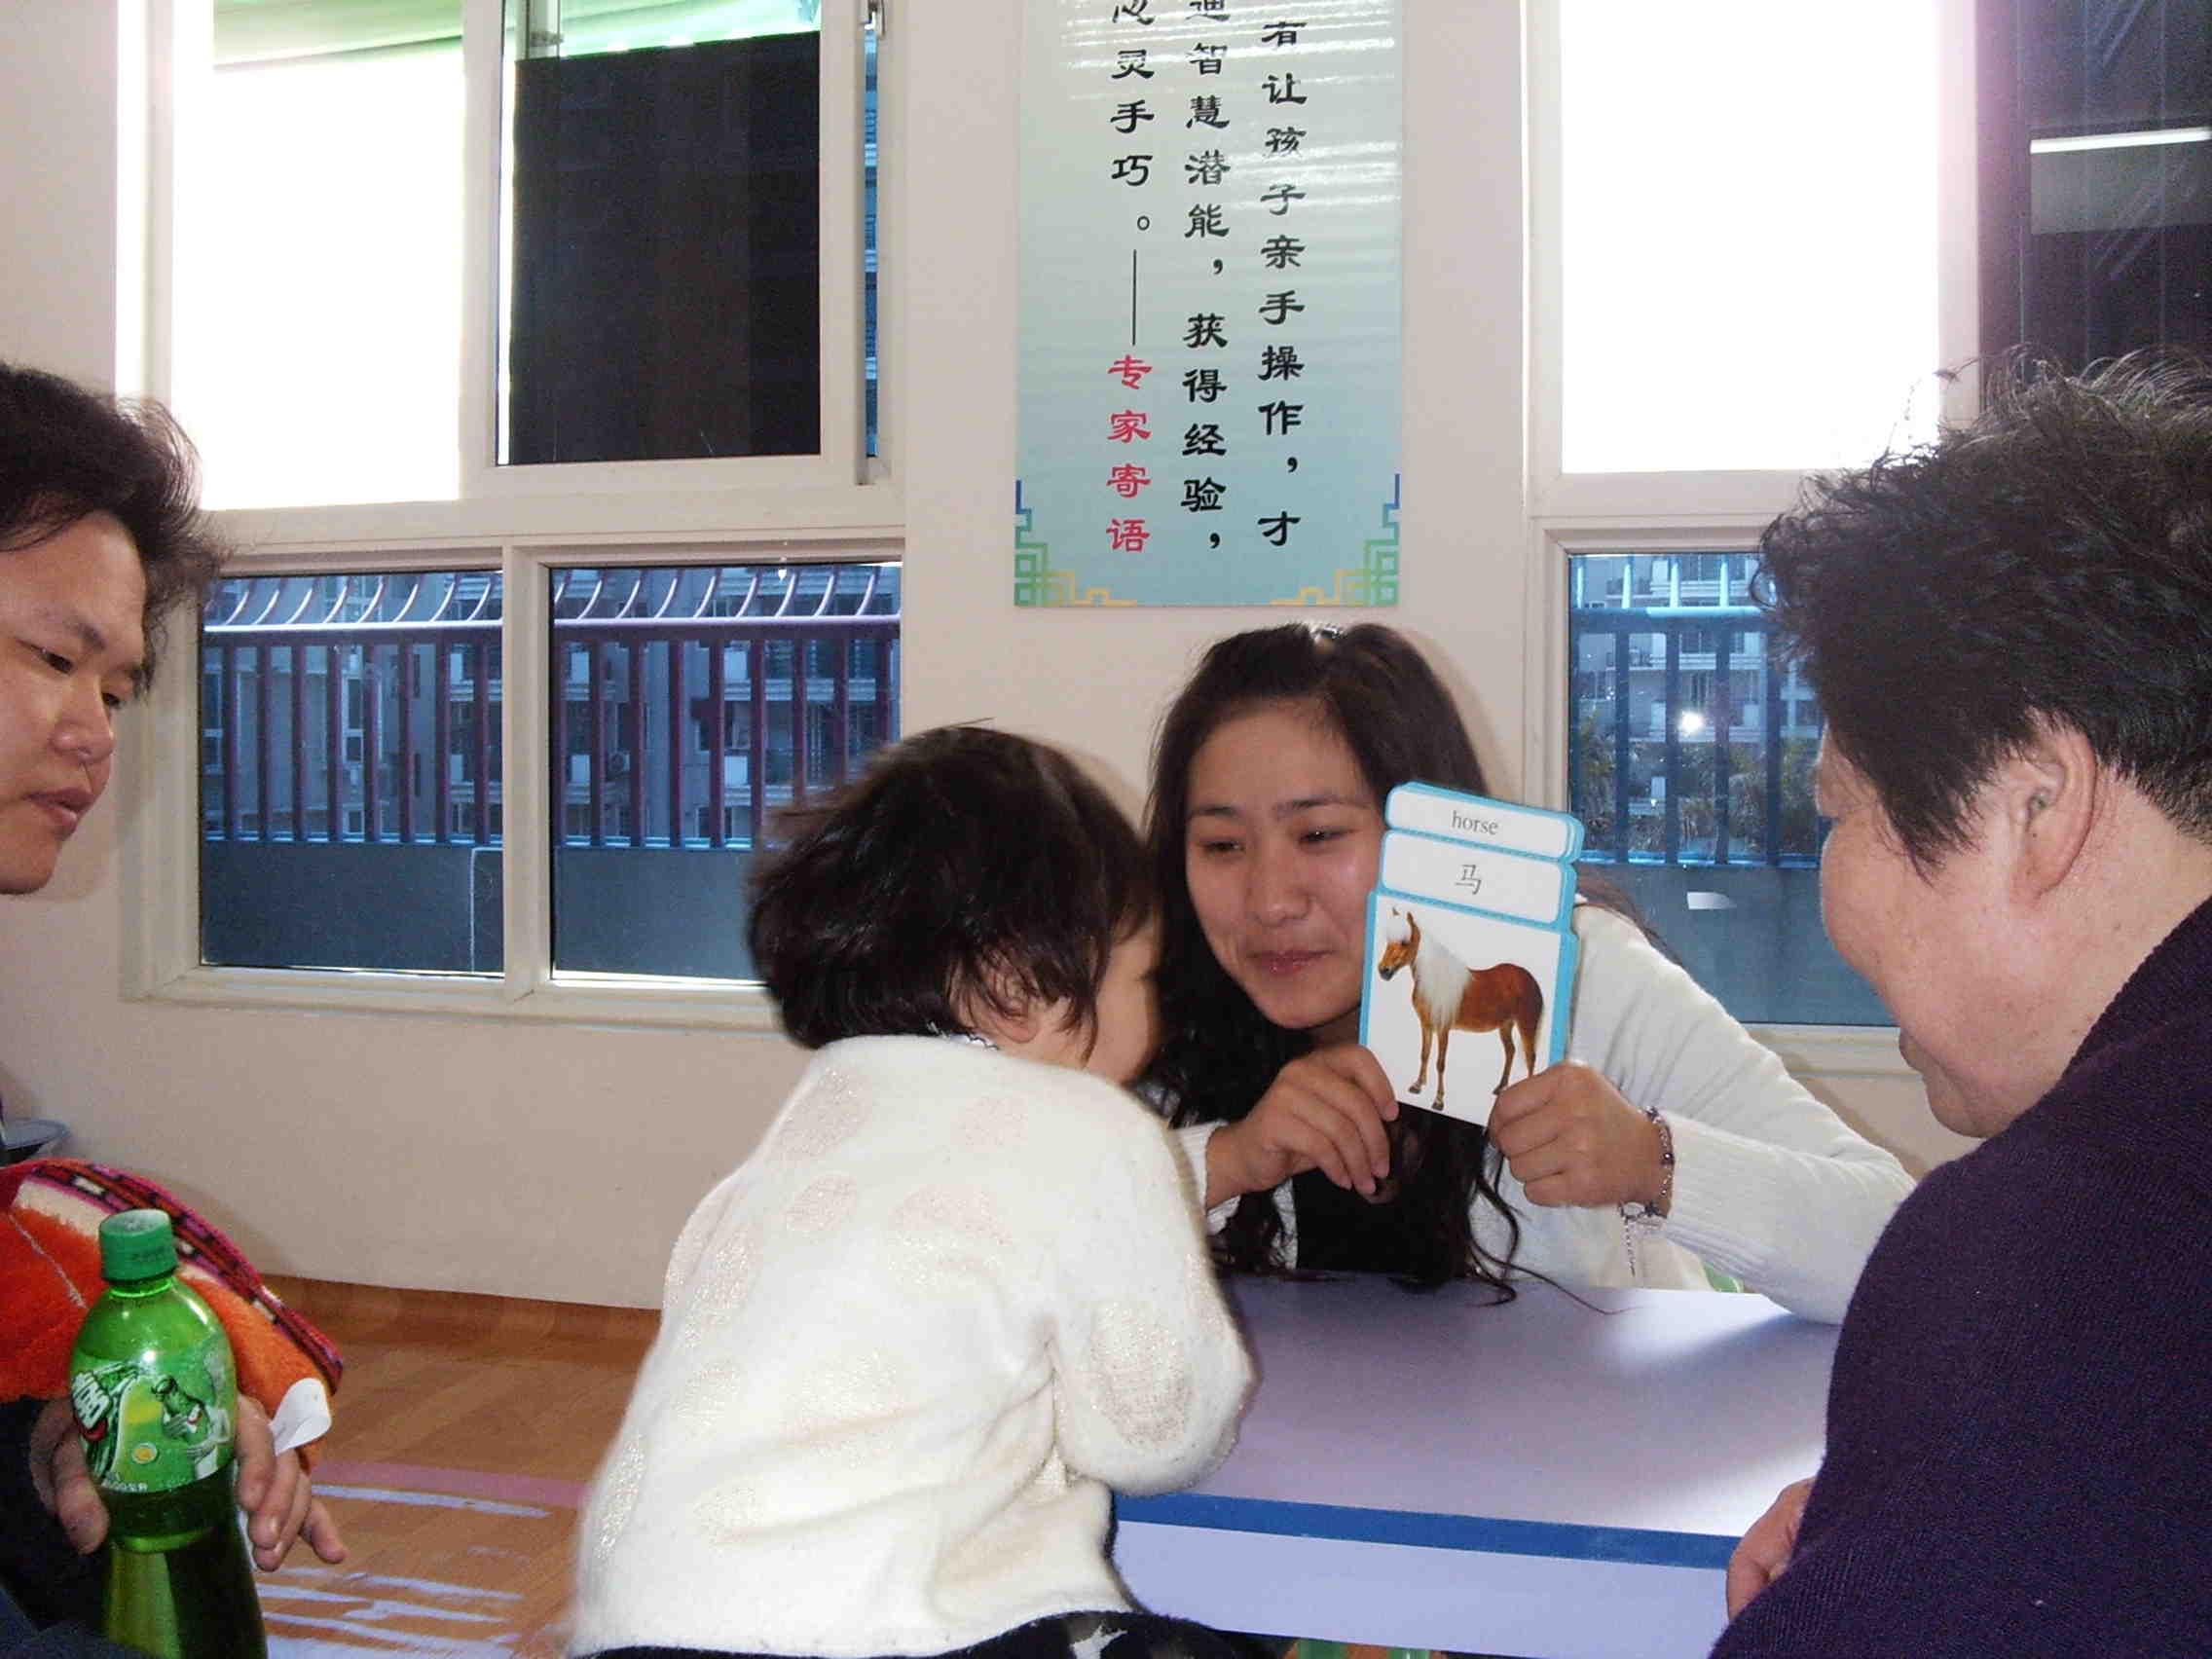 泉州早教中心 提供亲子课程帮助孩子成长,泉州早教中心 提供亲子课程帮助孩子成长生产厂家,泉州早教中心 提供亲子课程帮助孩子成长价格图片